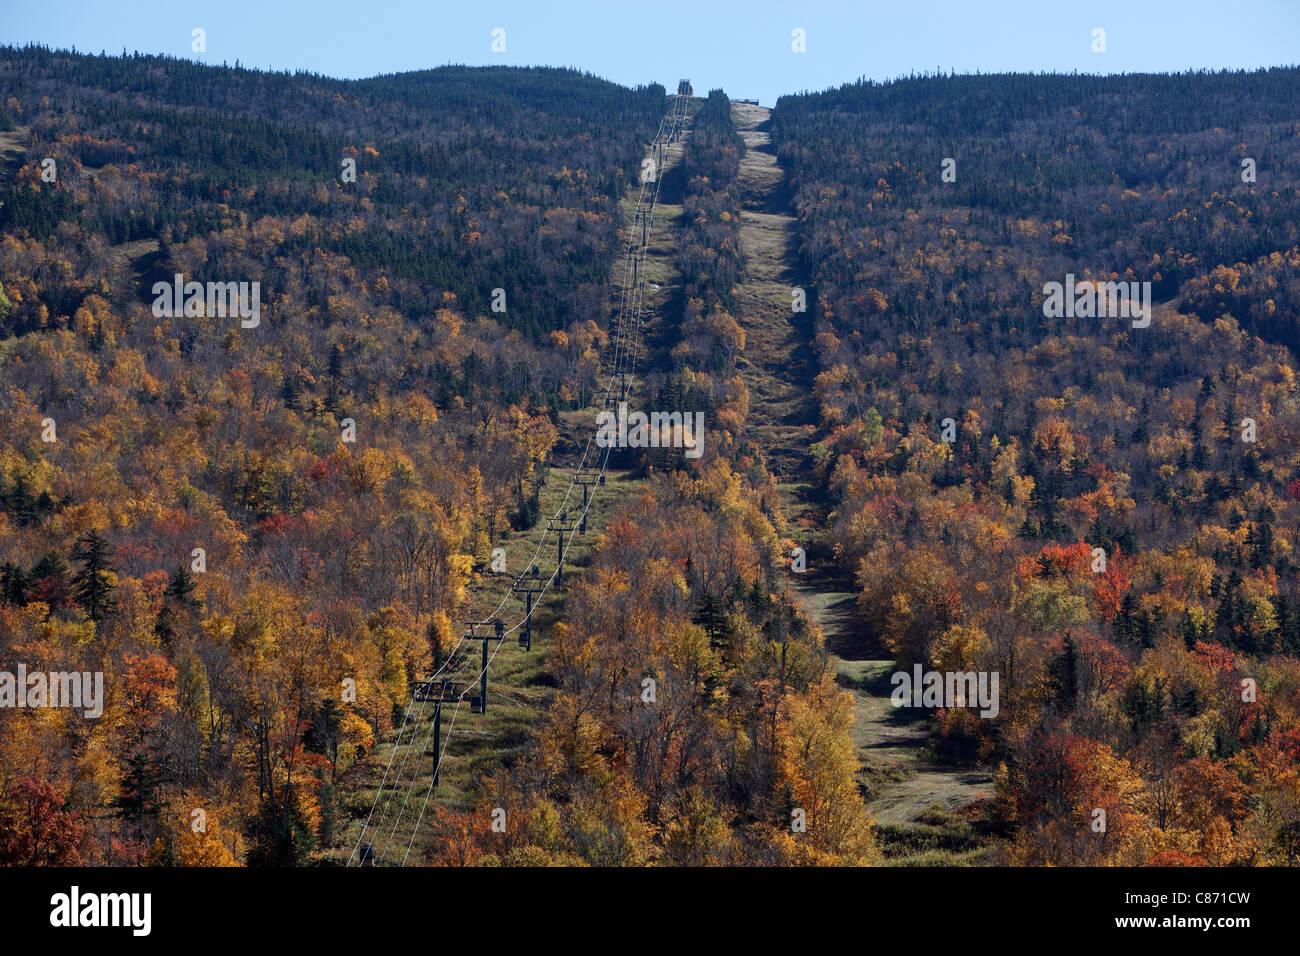 Wildcat-Berge-Skischaukel im Herbst vor-und Nachsaison, White Mountain National Forest, New Hampshire Stockfoto